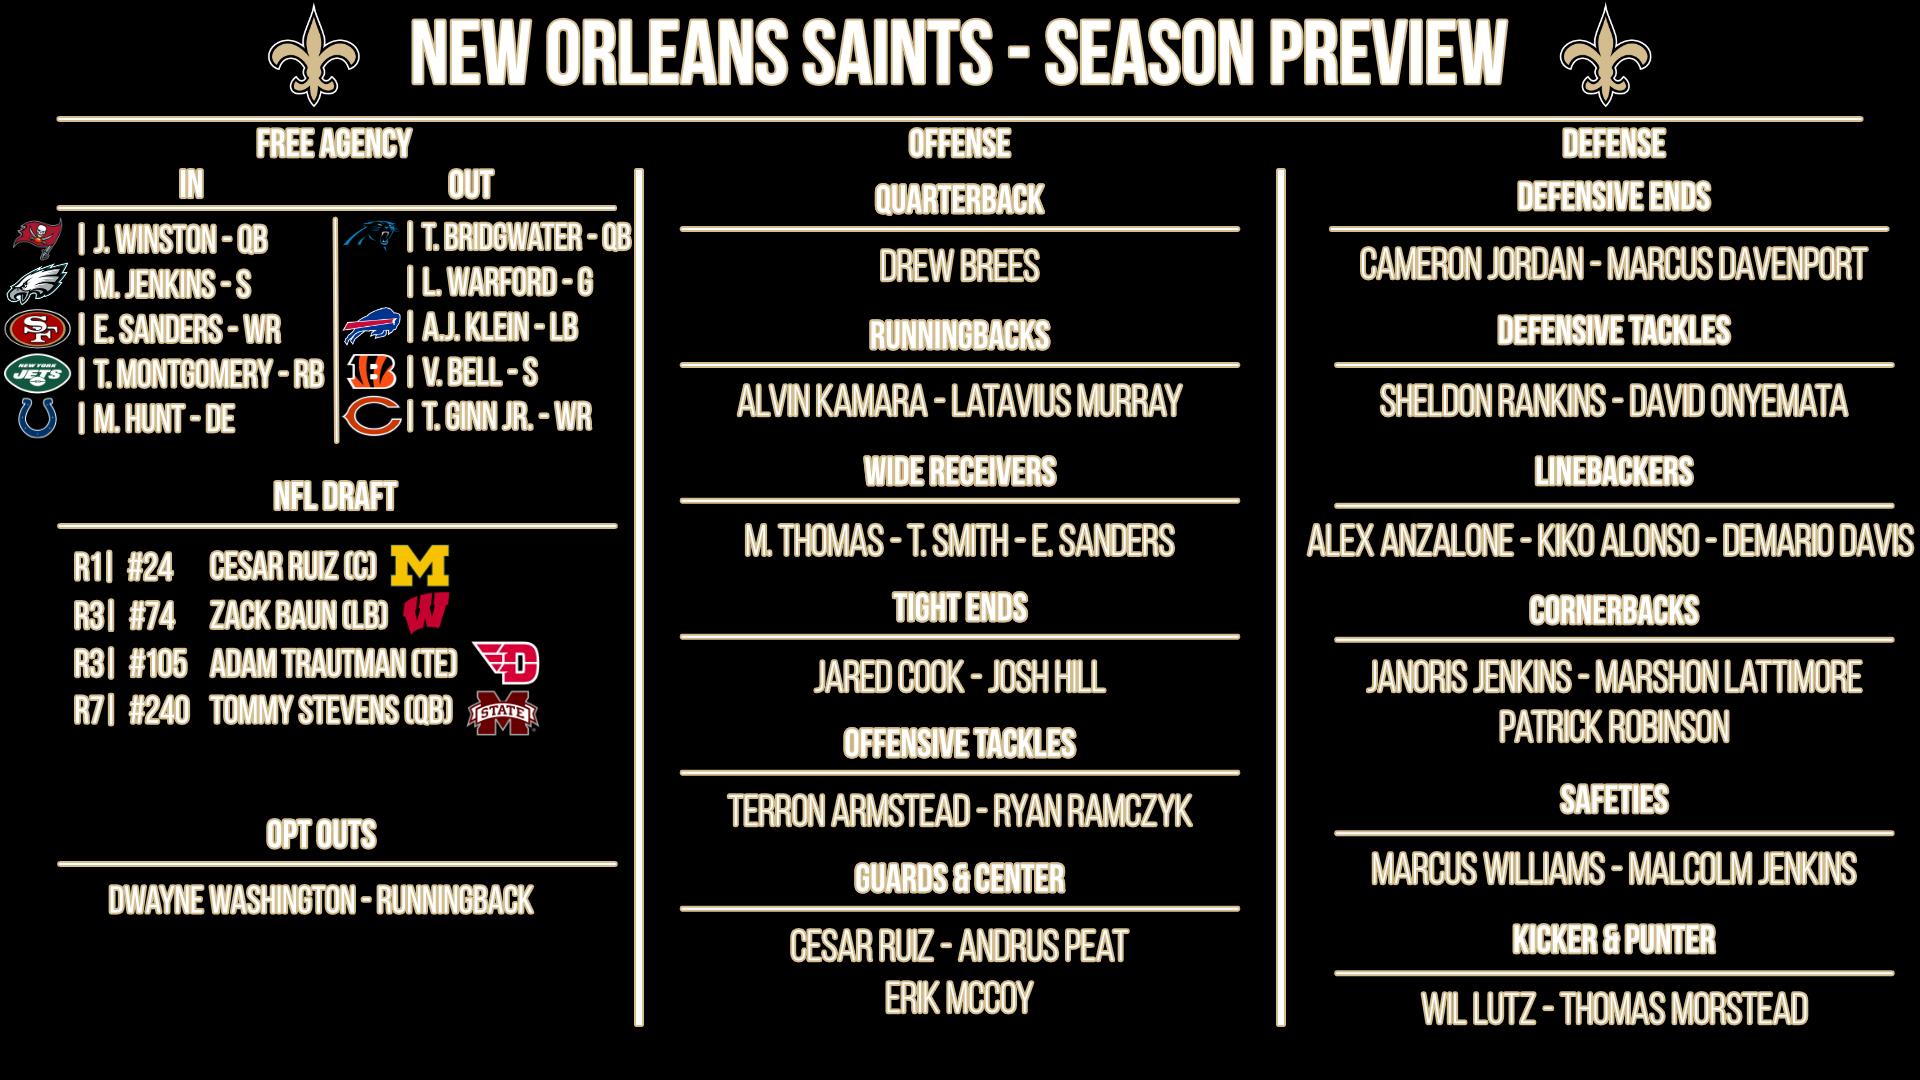 New Orleans Saints preview